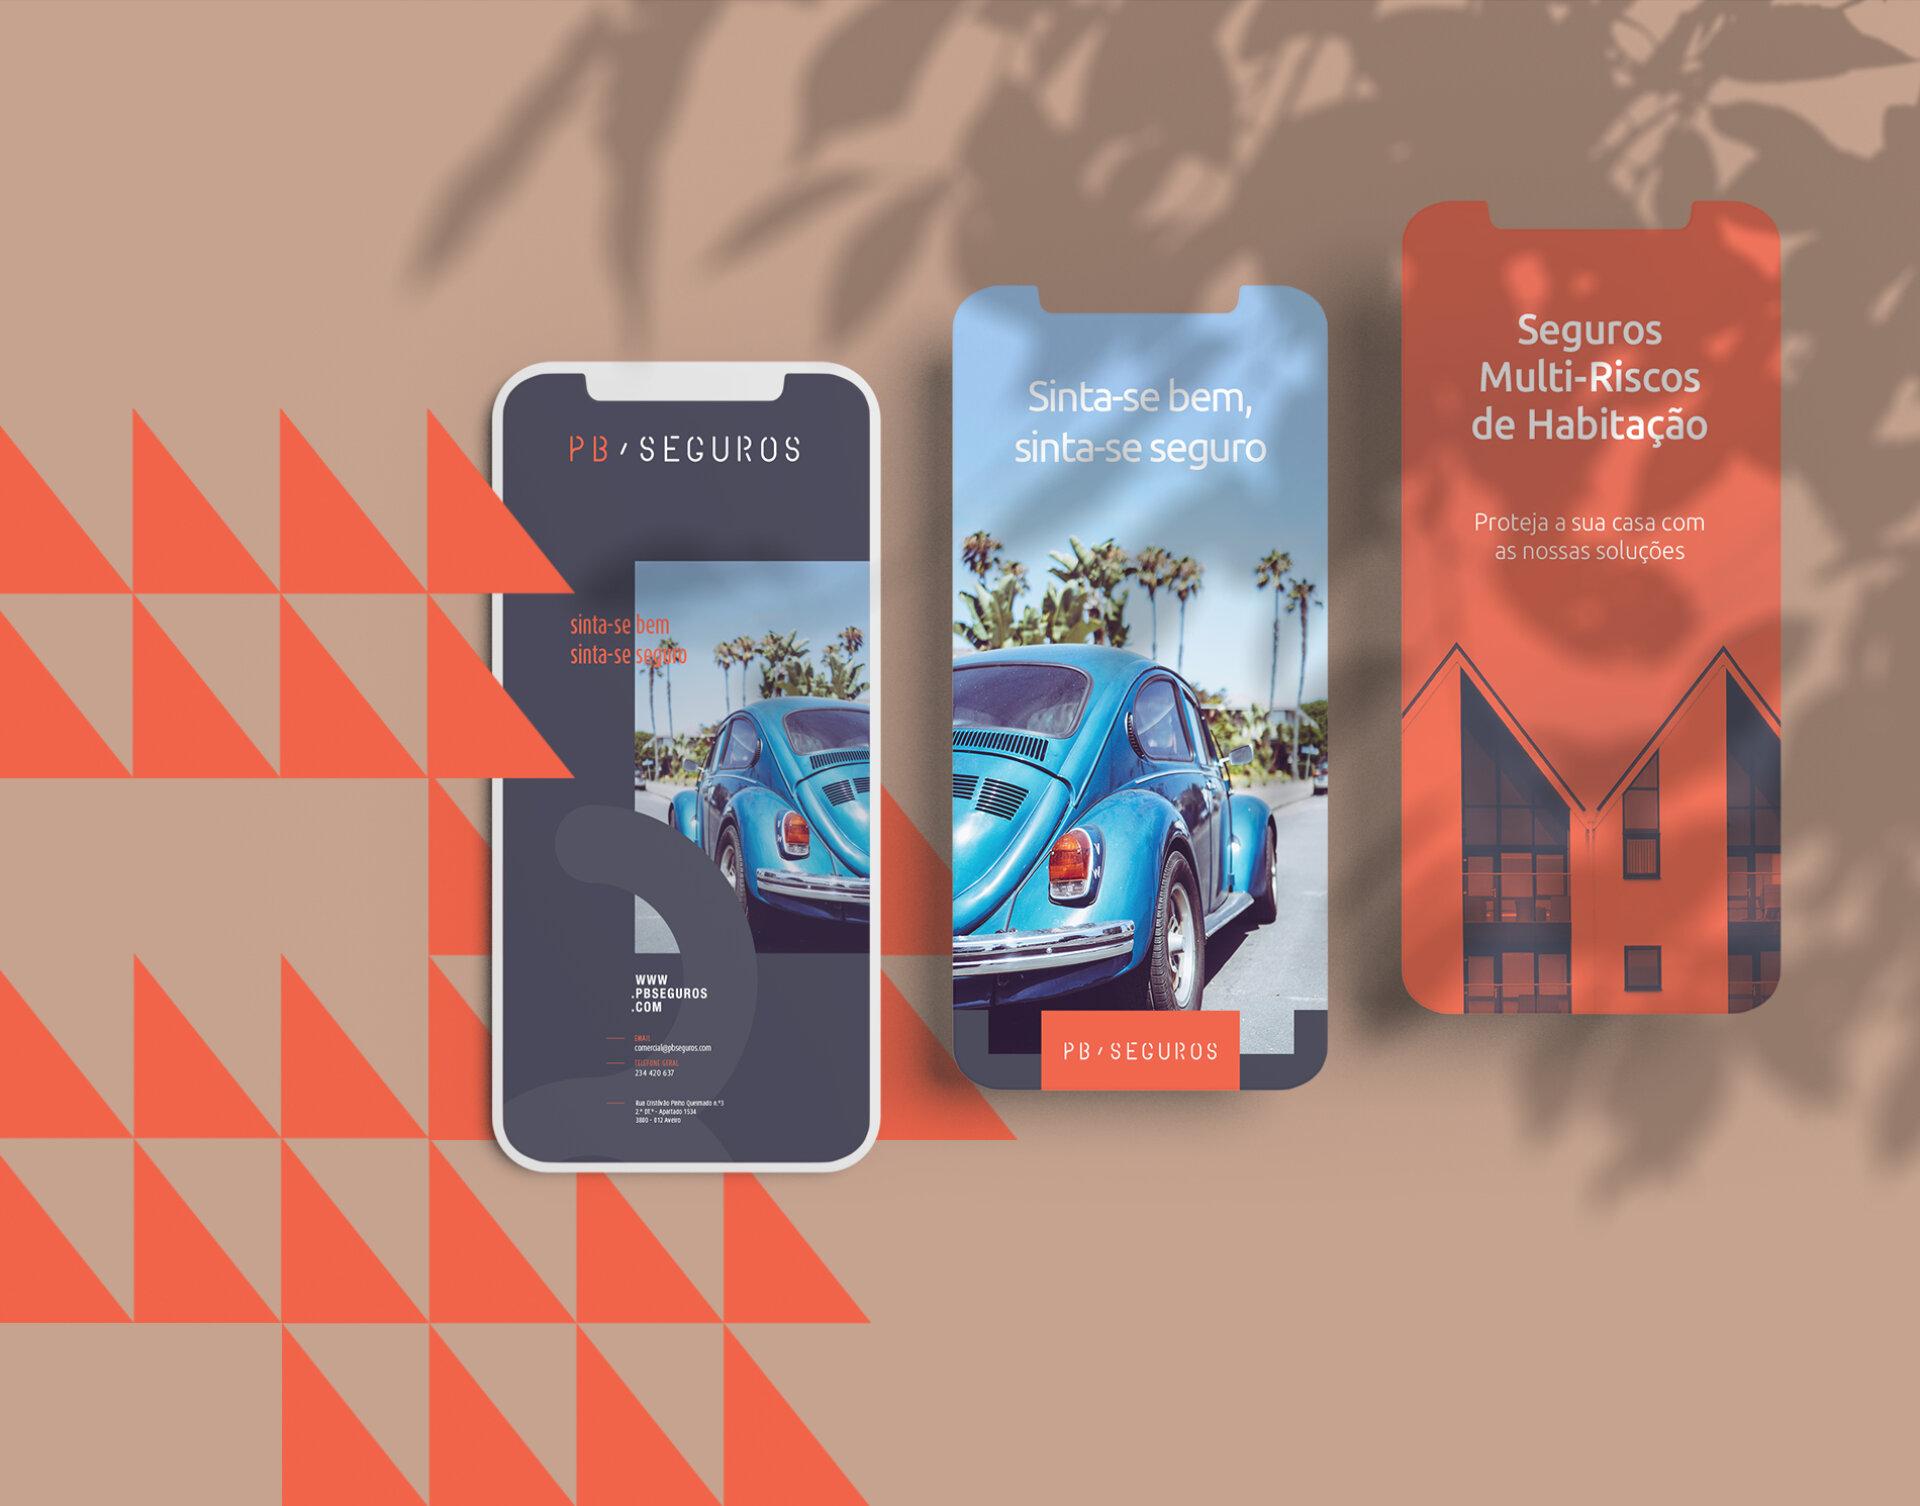 website-pb-seguros-incentea-marketing-inovacao